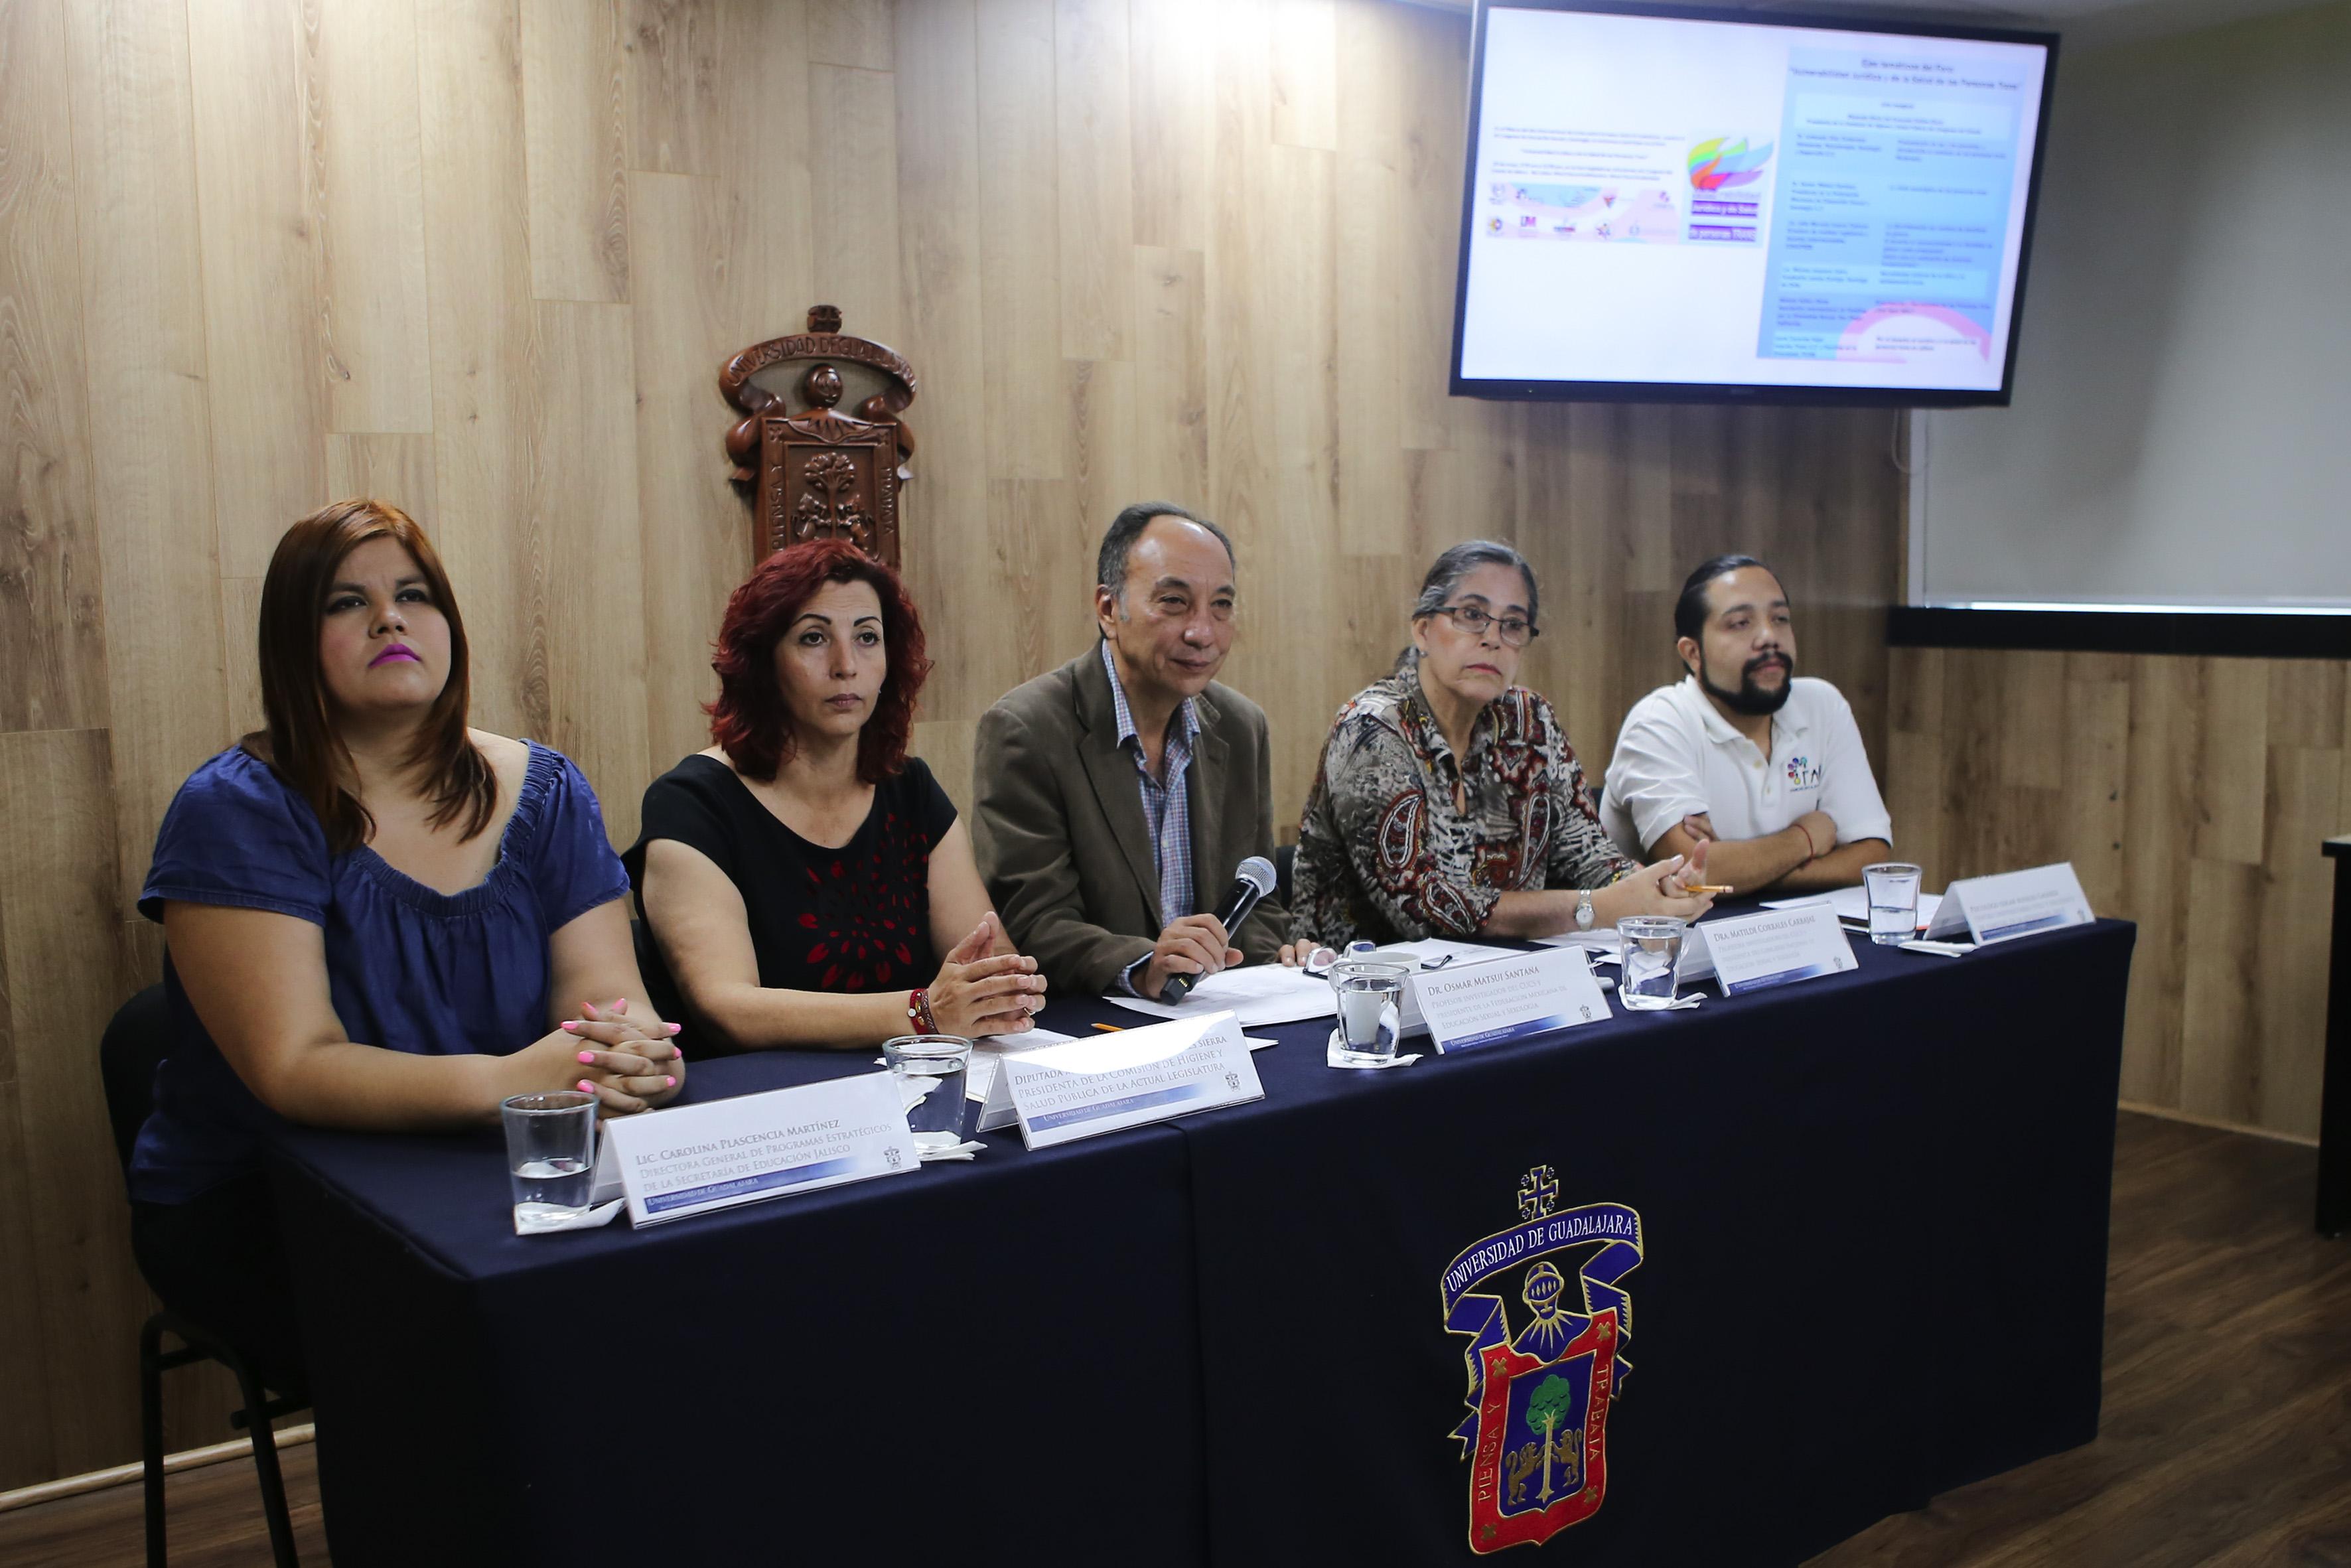 Representantes de la Universidad de Guadalajara, Secretaría de Salud y la sociedad civil organizada, participando en rueda de prensa.